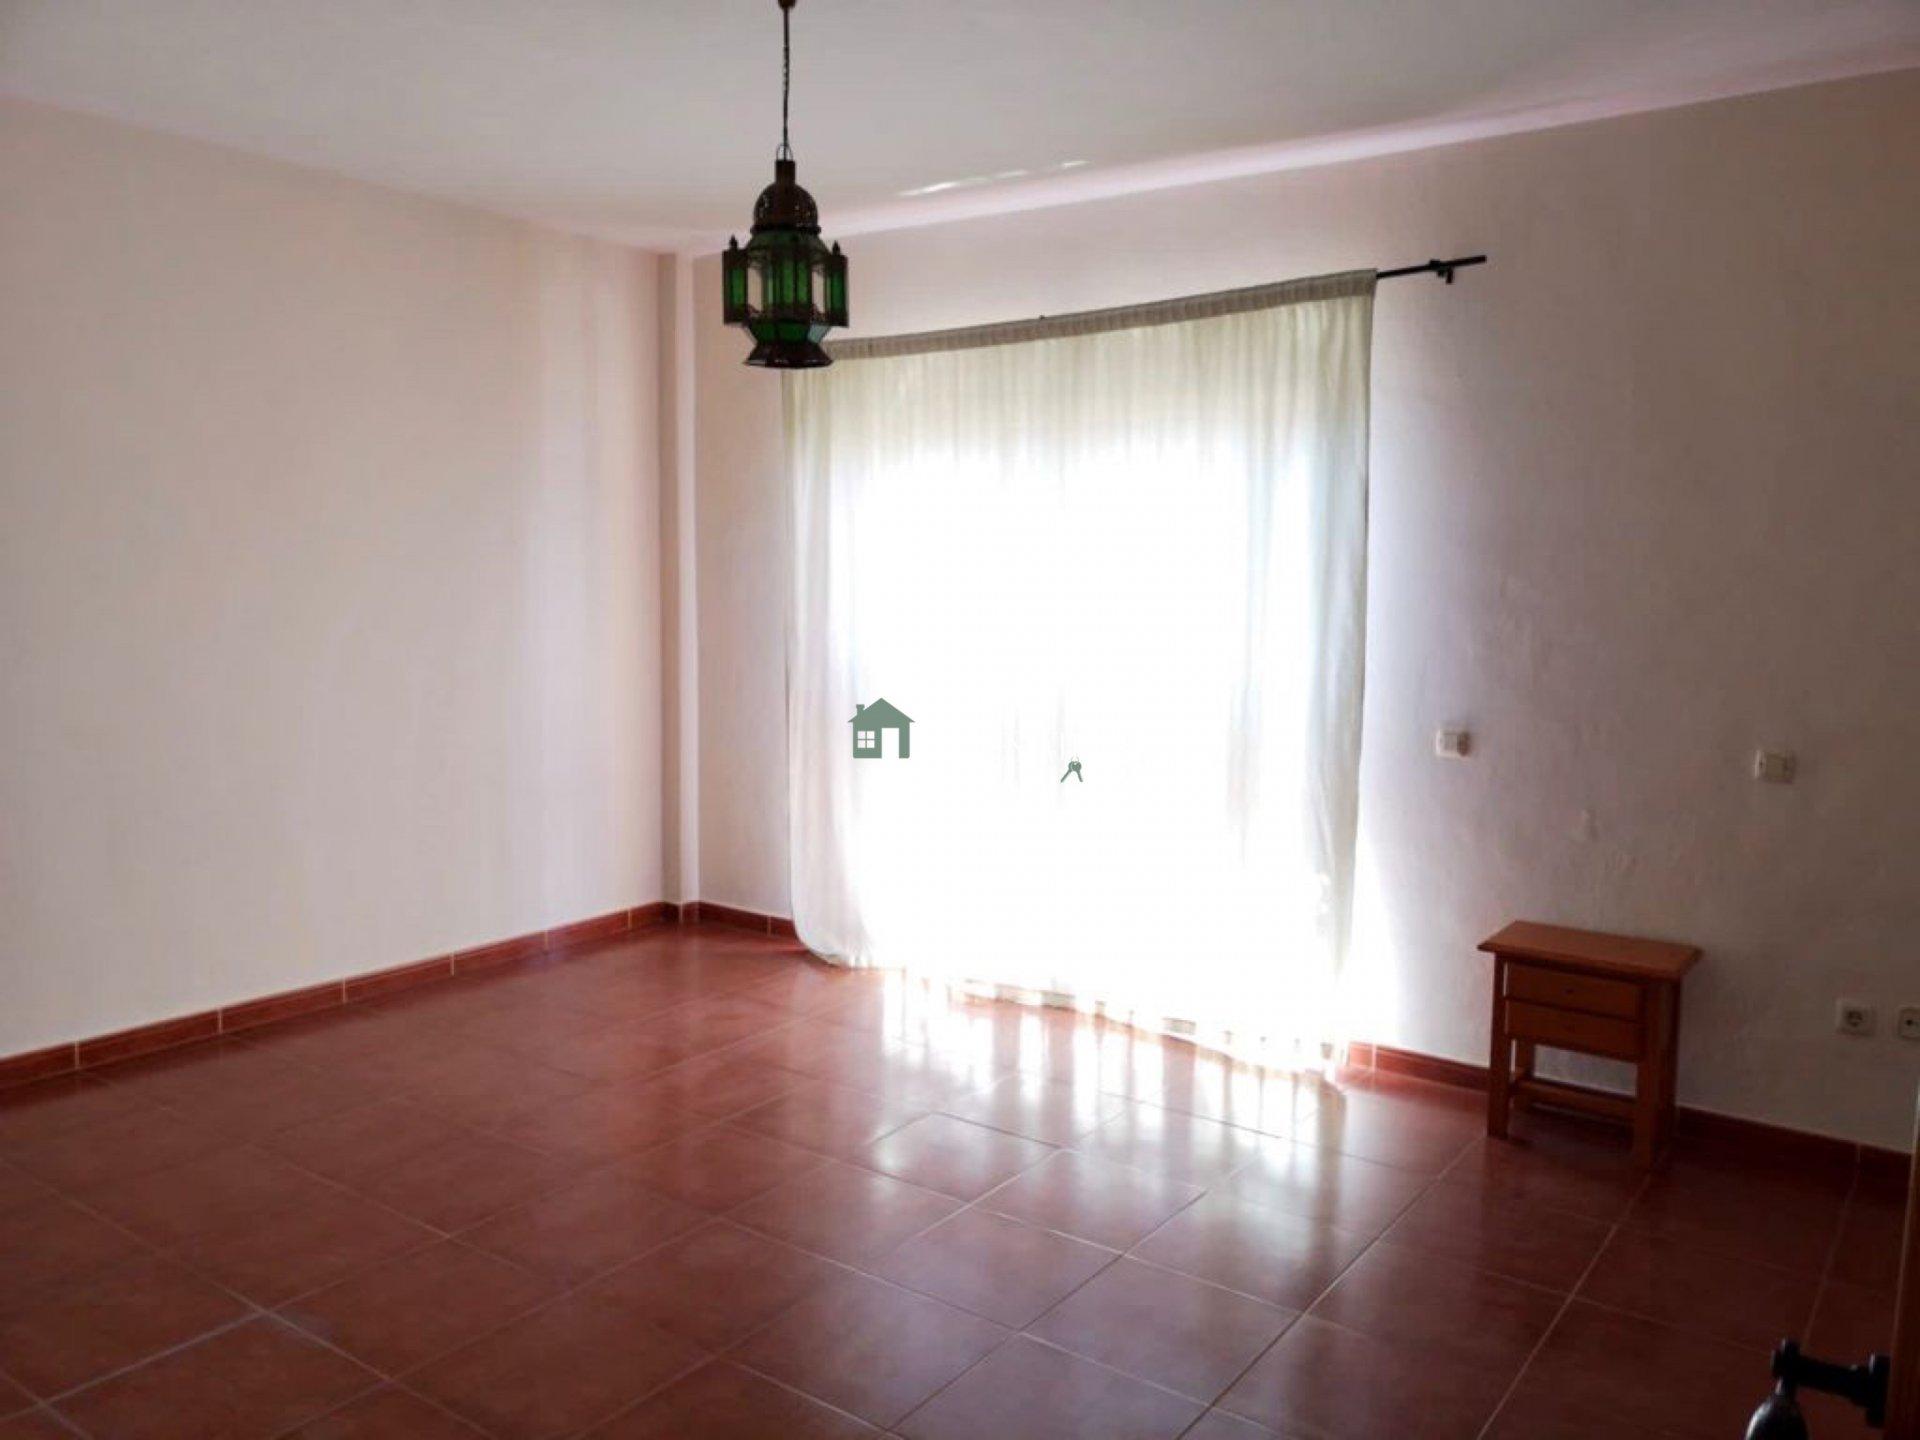 Maison de ville avec un grand potentiel répartie sur deux étages et située dans un quartier central de Buzanada.